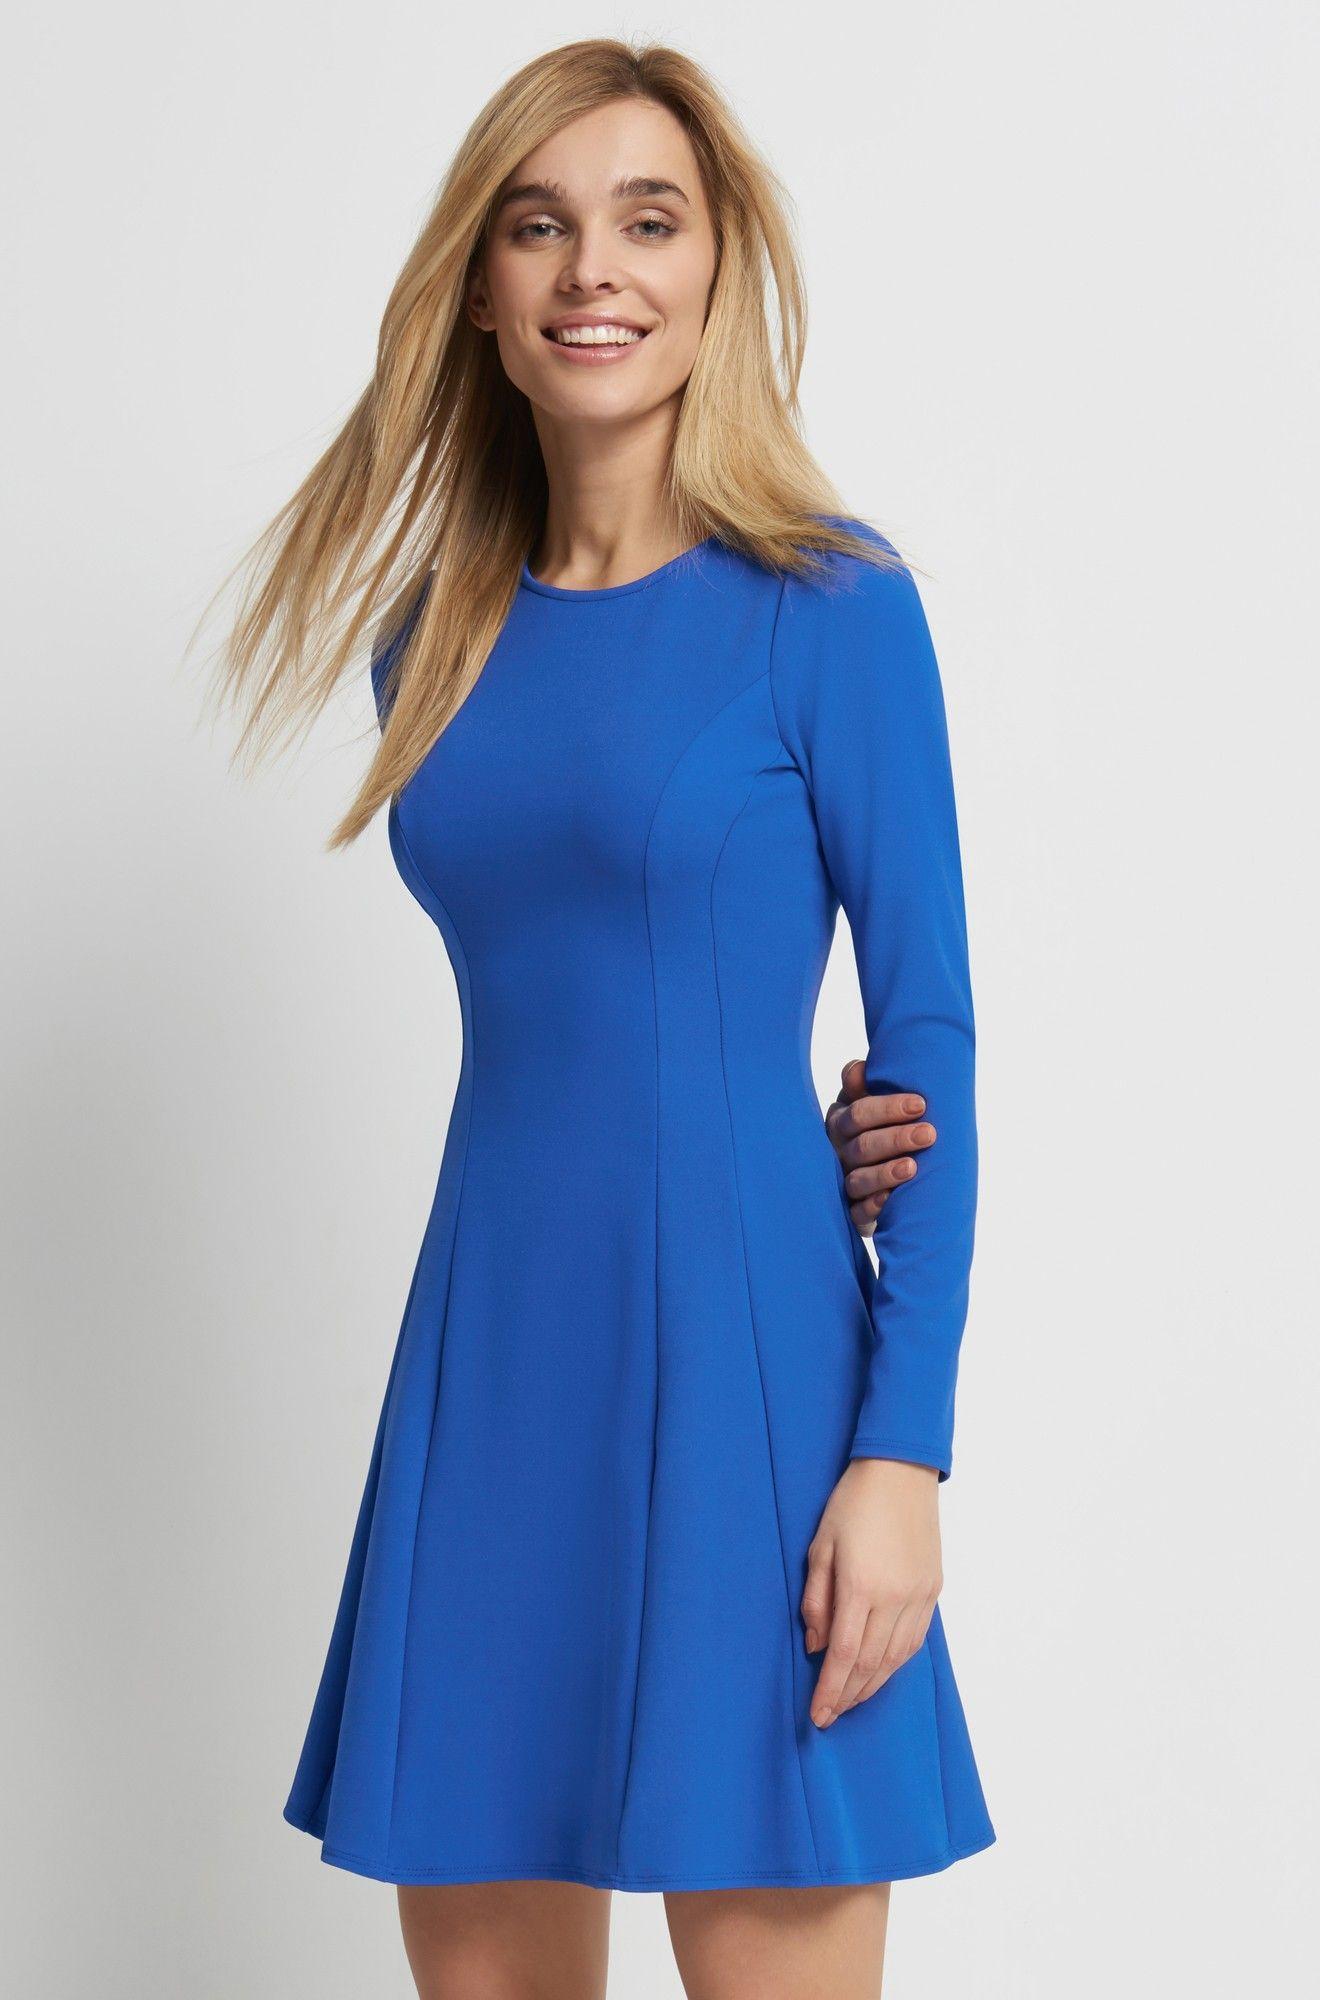 Kleid in A-Form  Schöne kleider, Kleider und Tageskleider